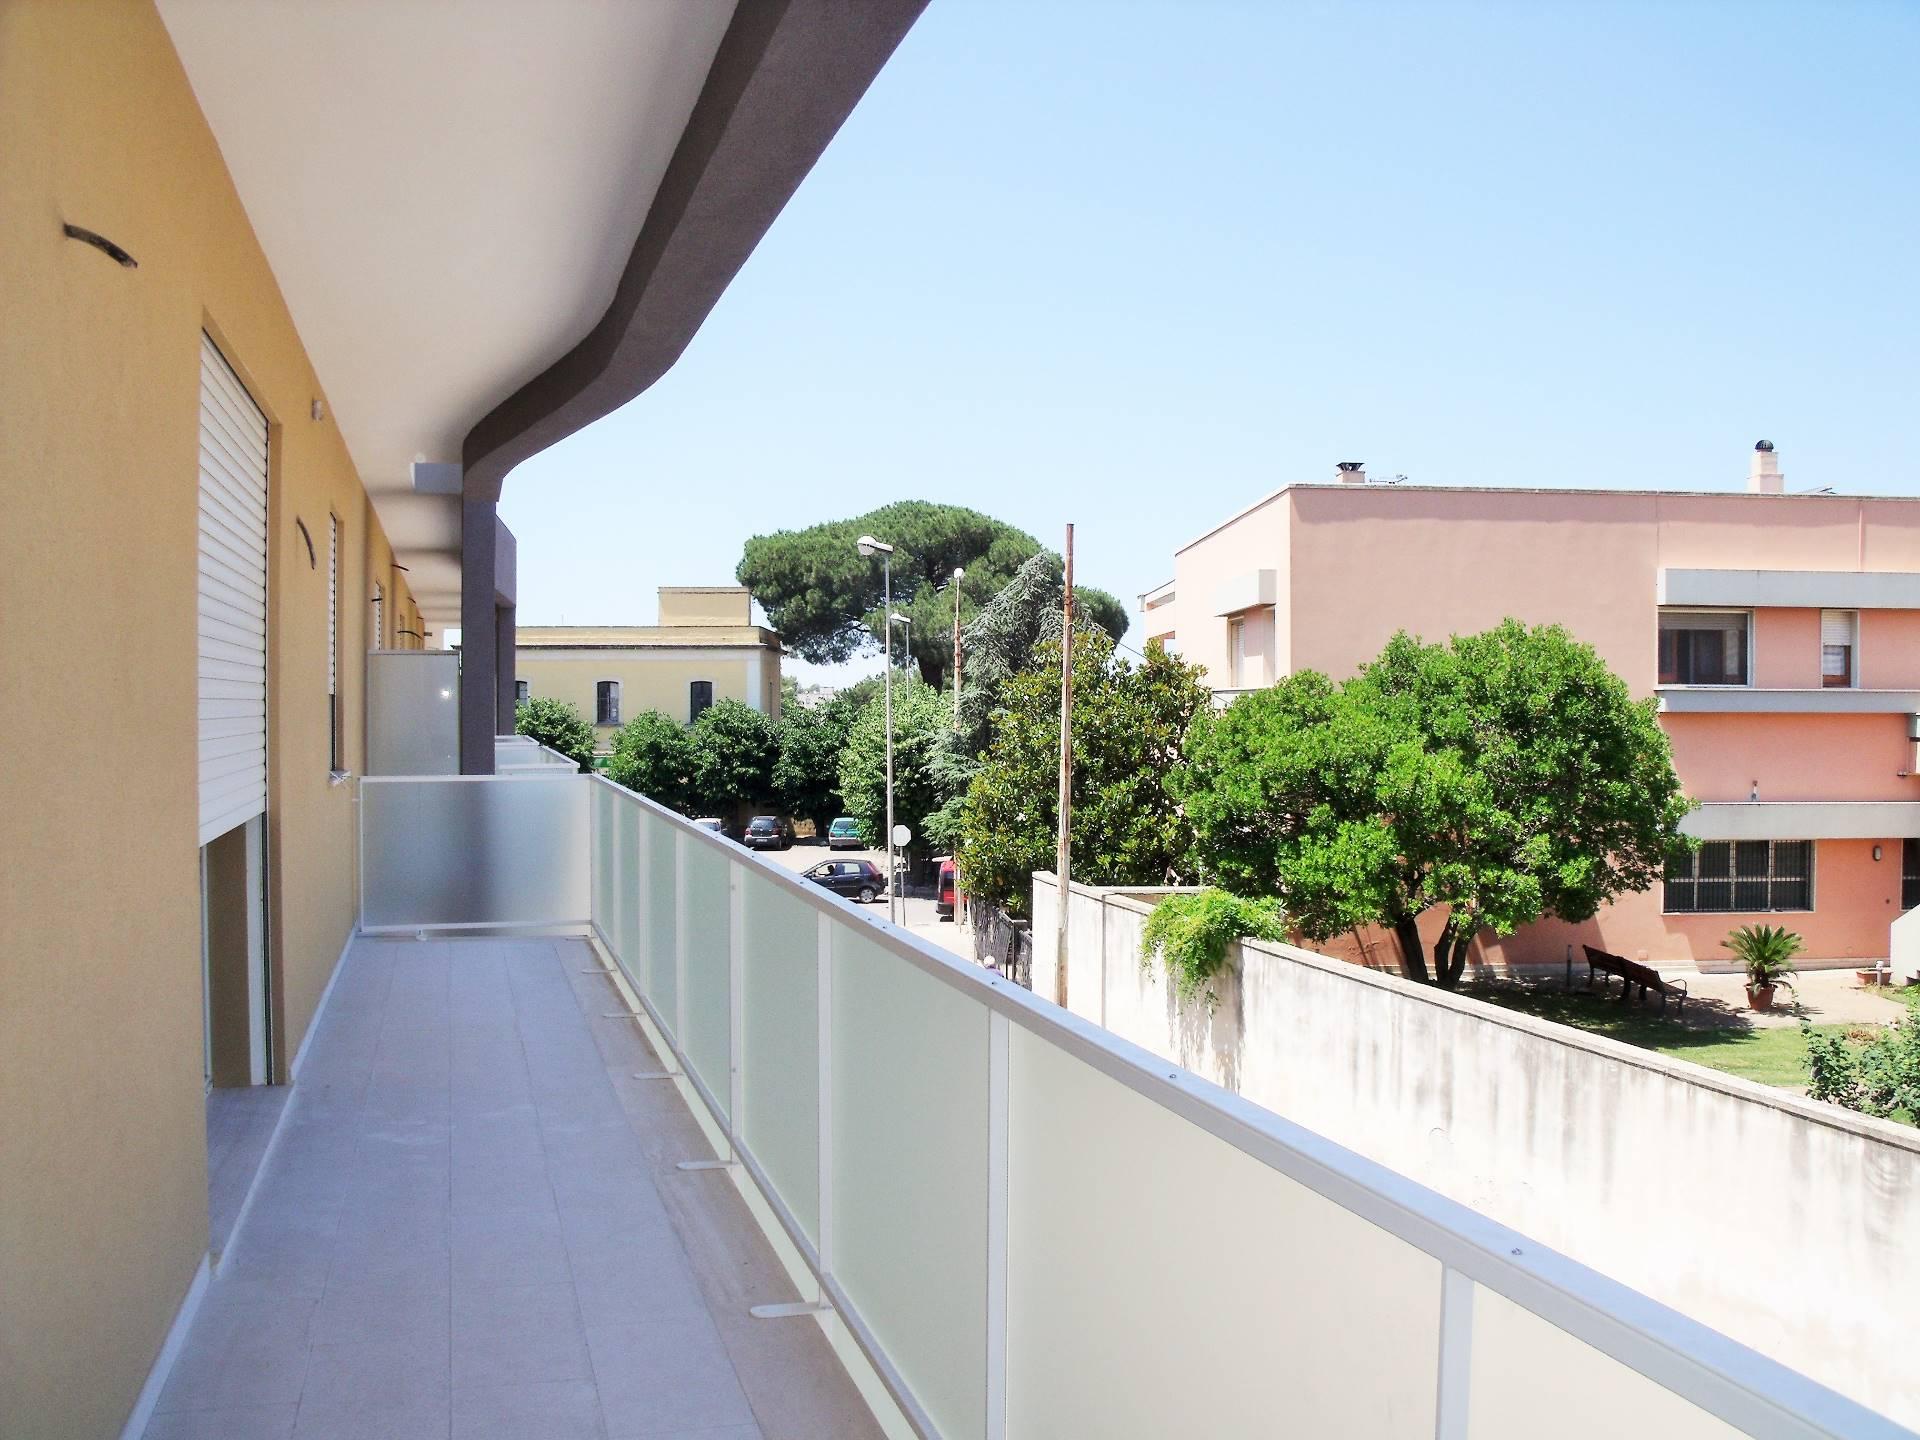 Appartamento in vendita a Matino, 6 locali, prezzo € 150.000 | CambioCasa.it